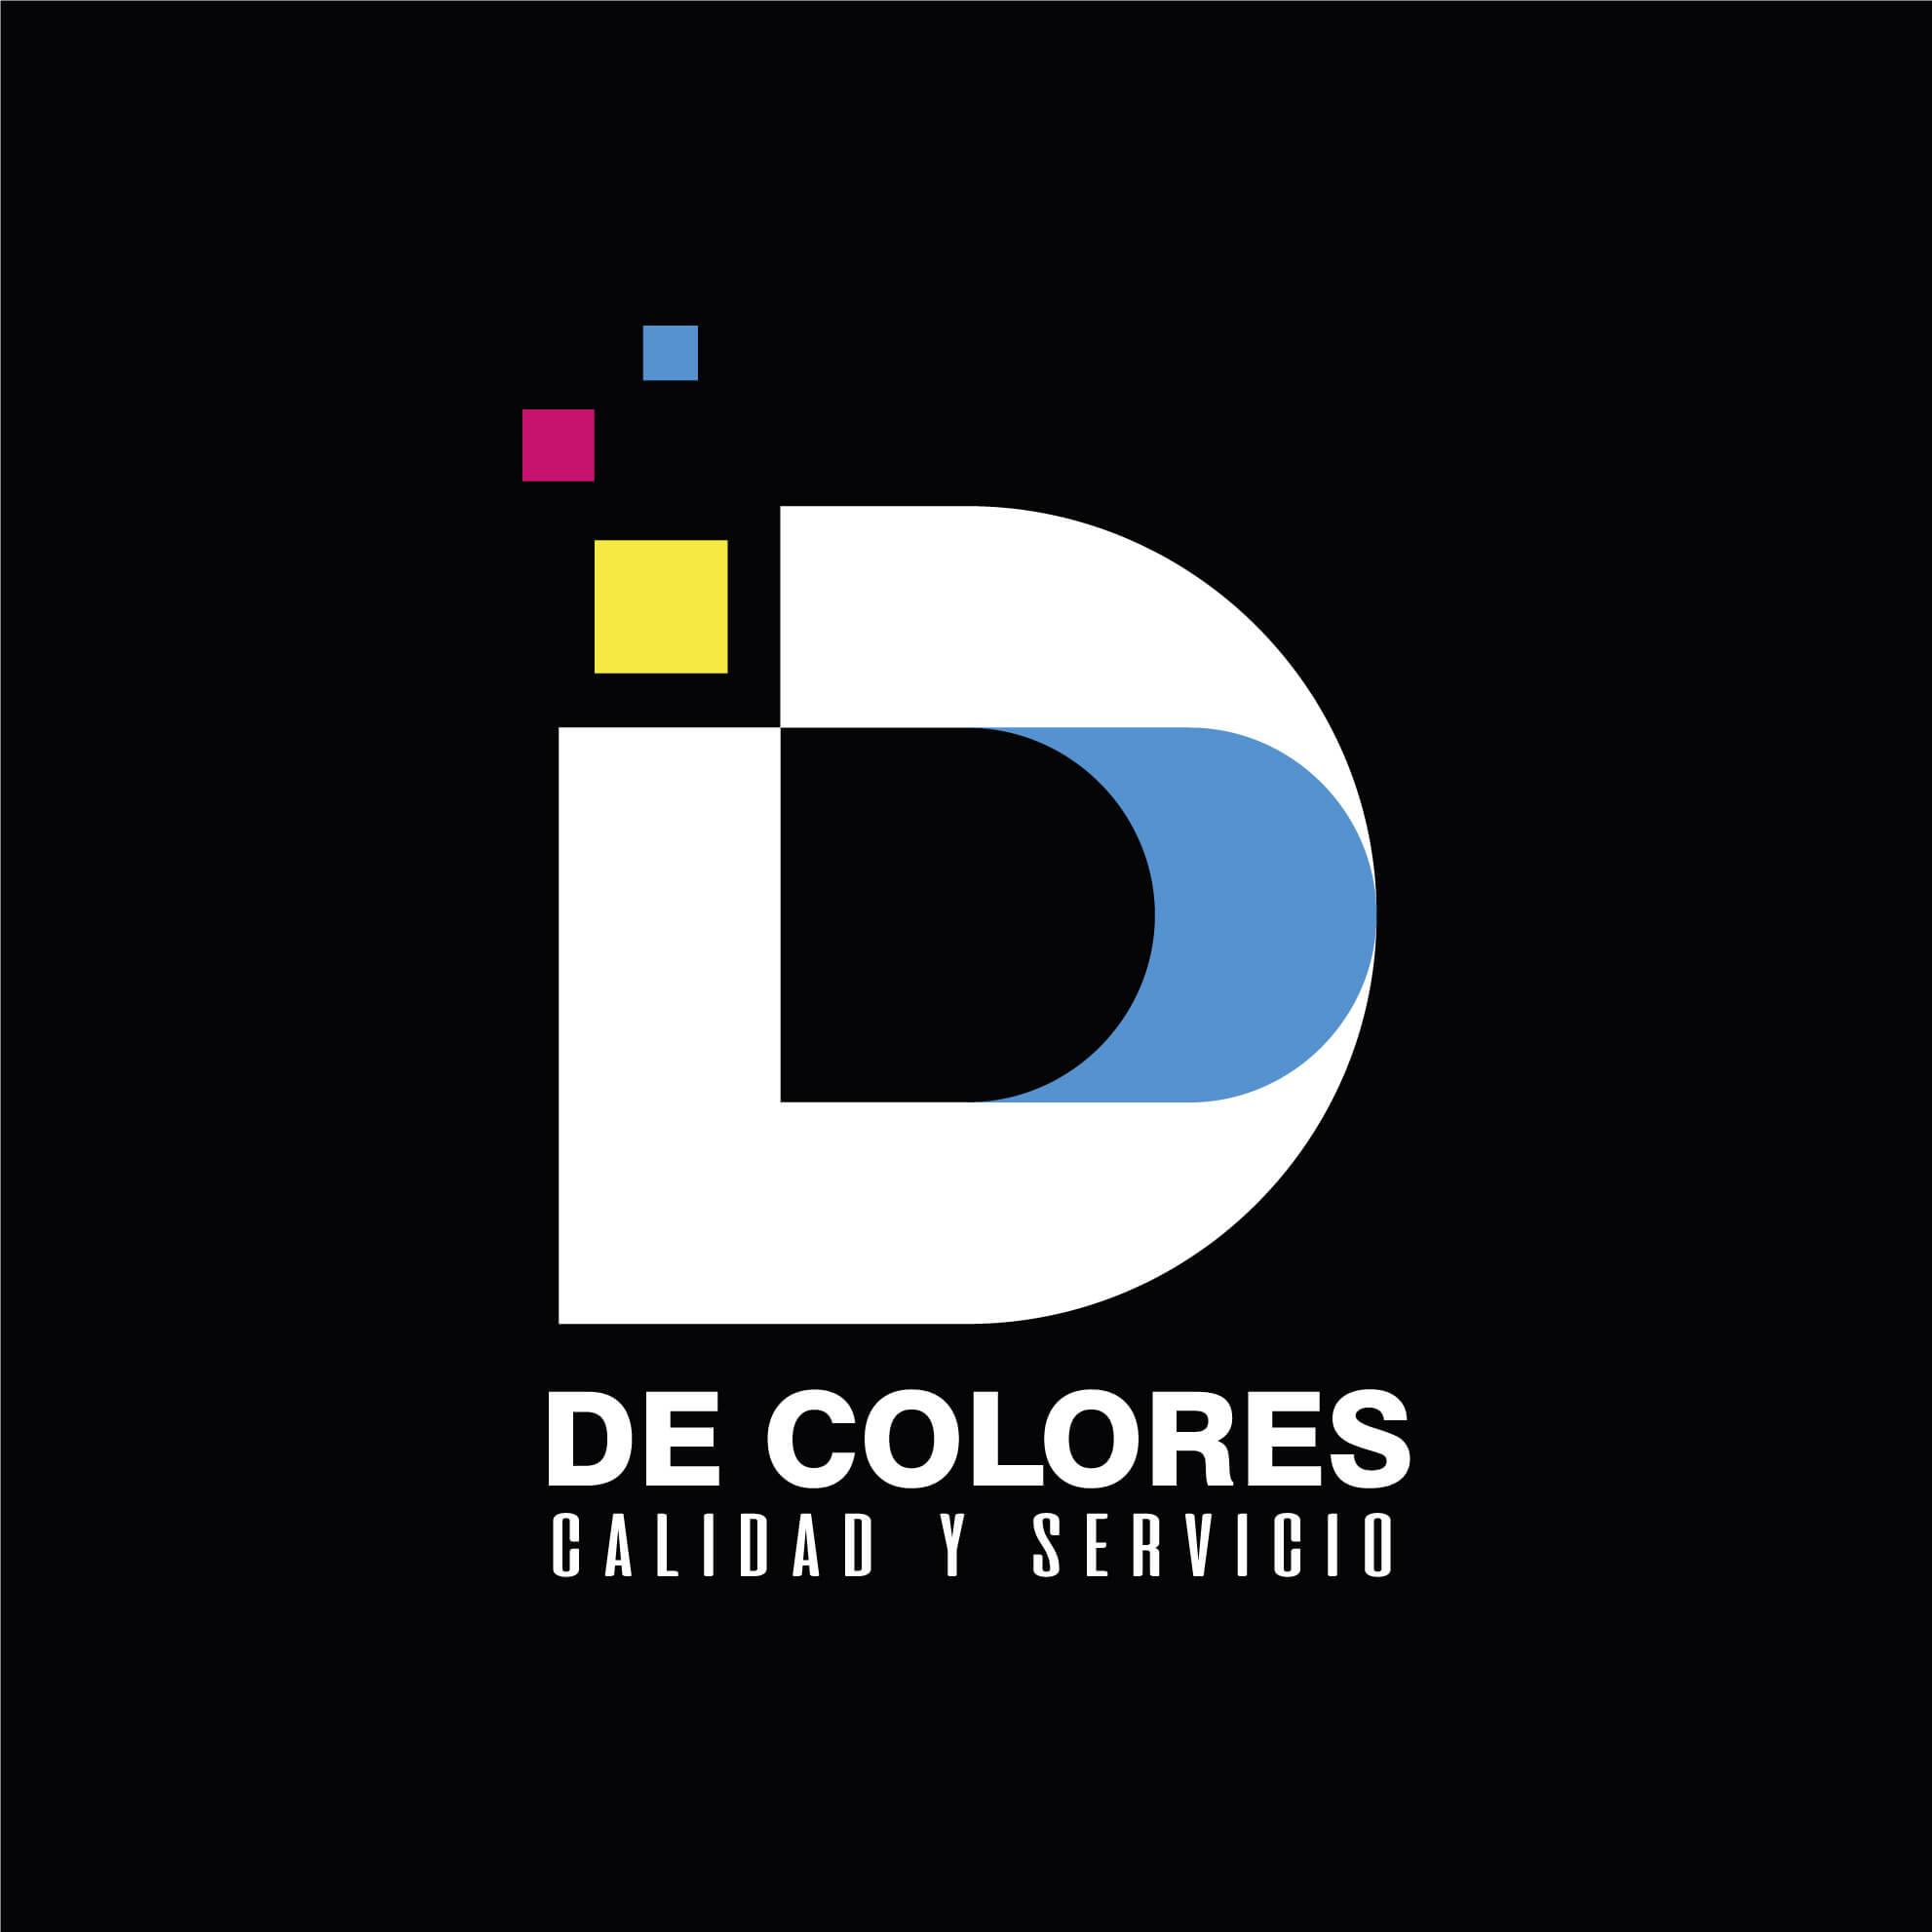 decoloreselche01